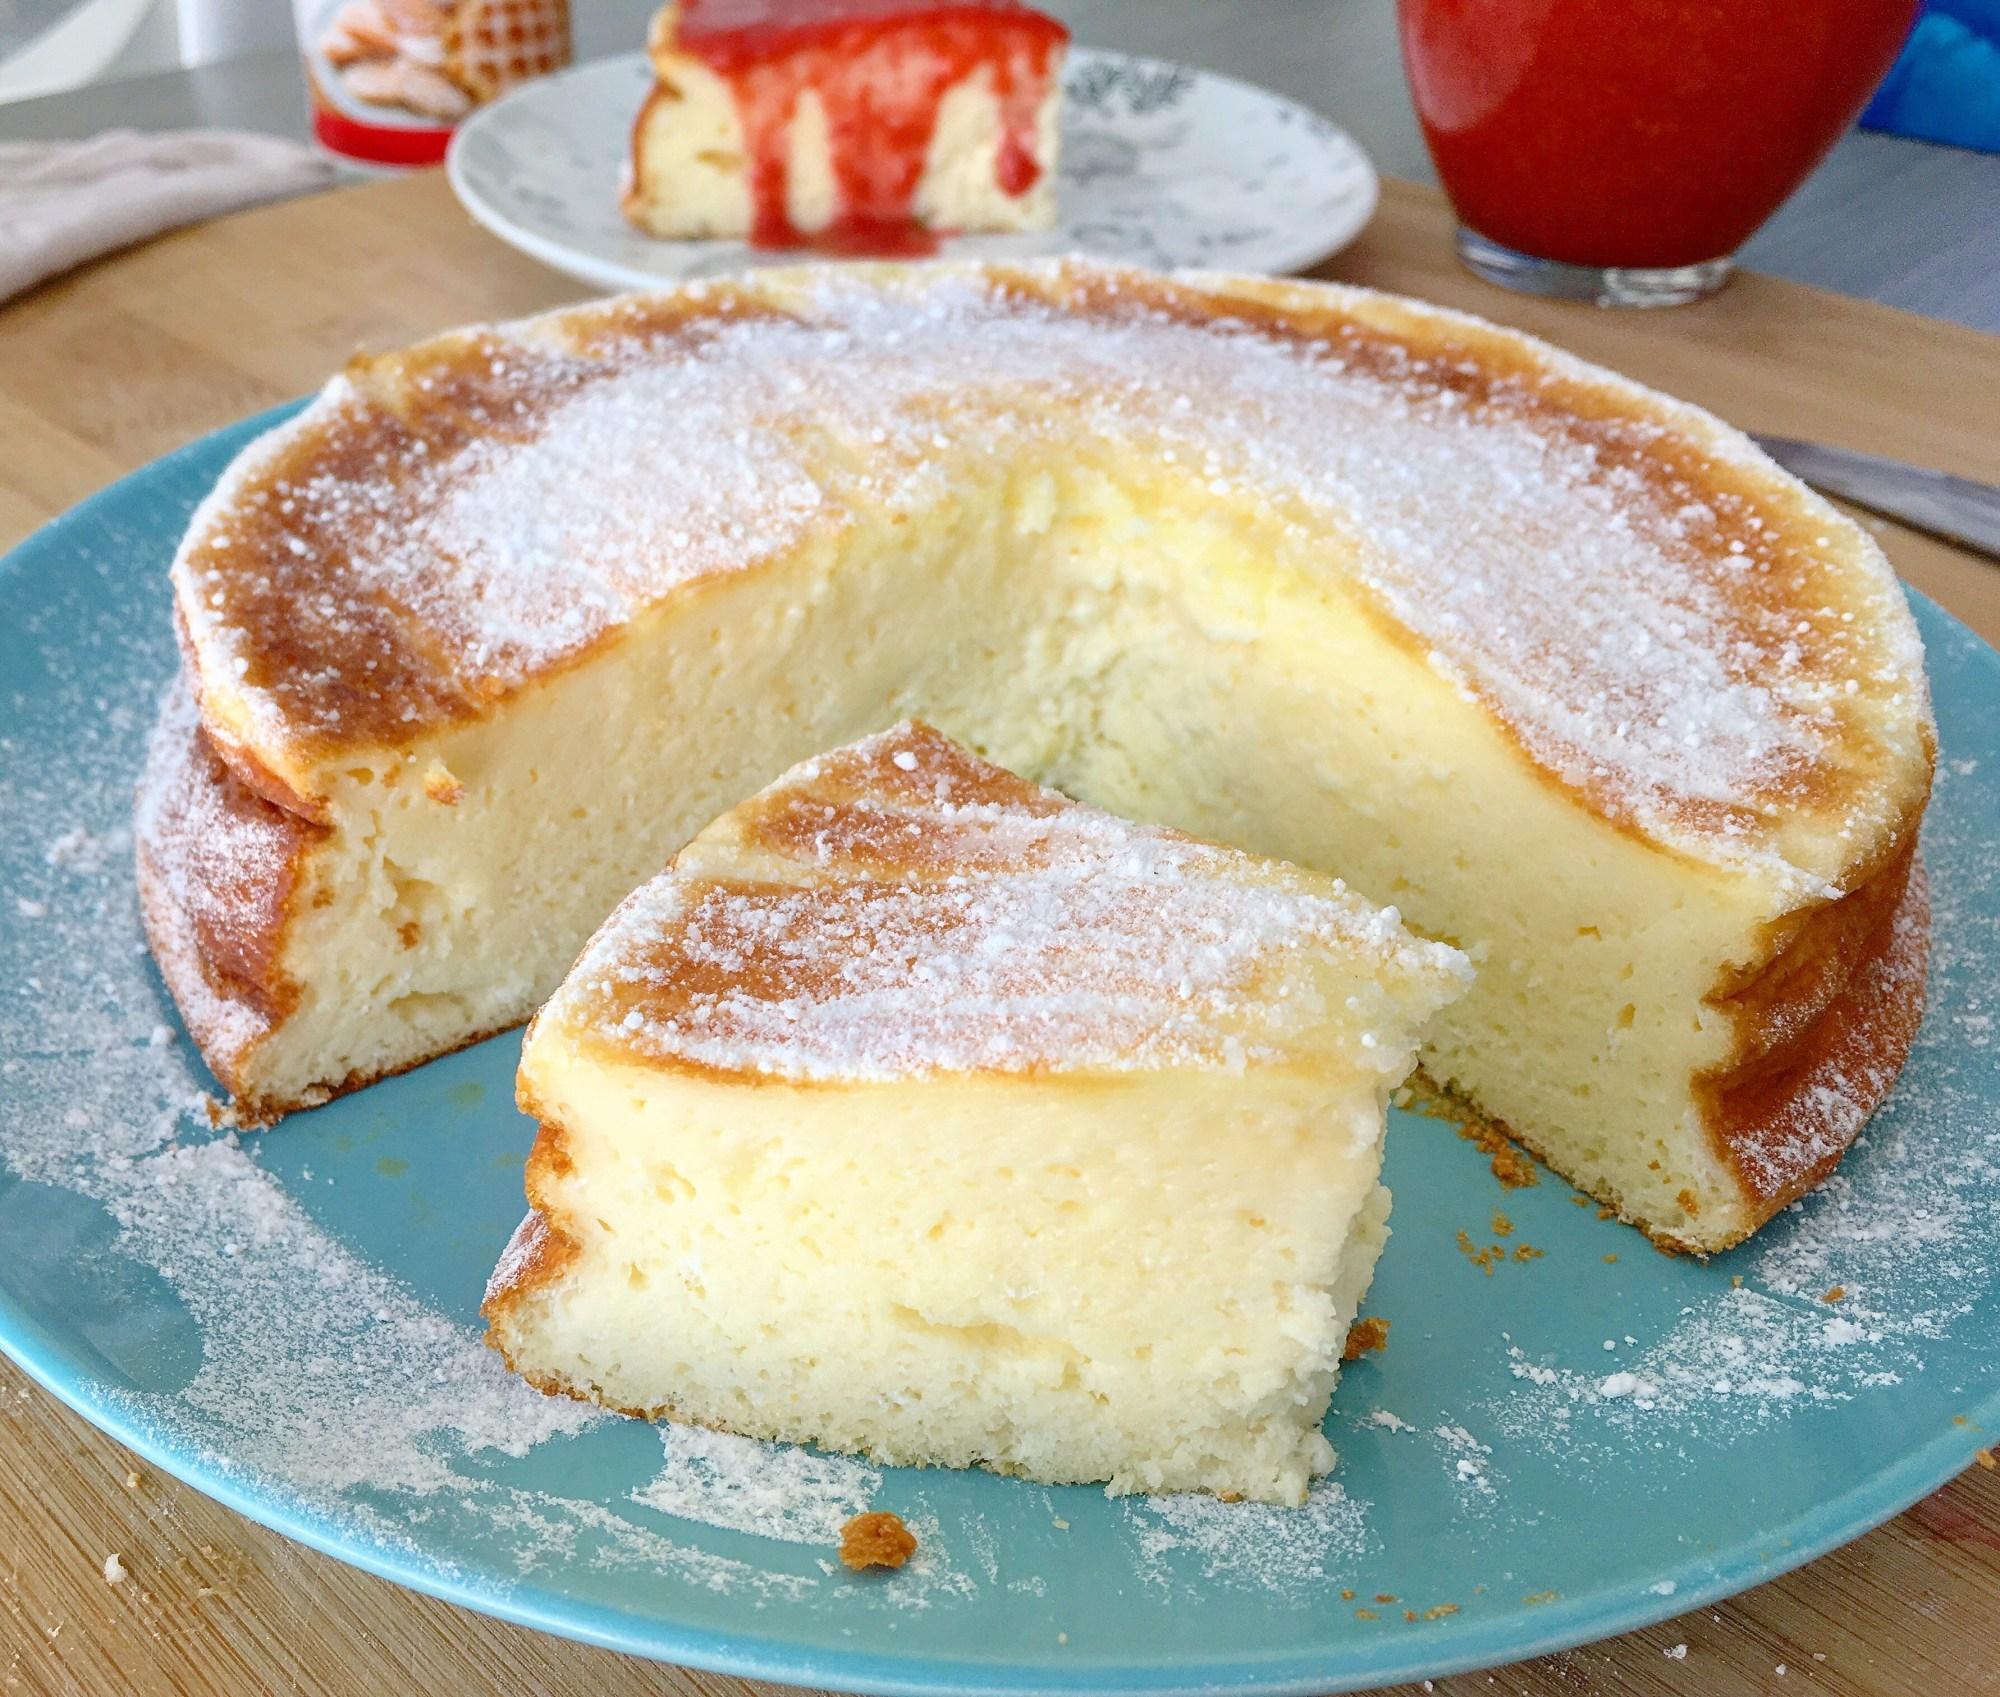 meilleur gâteau au fromage blanc